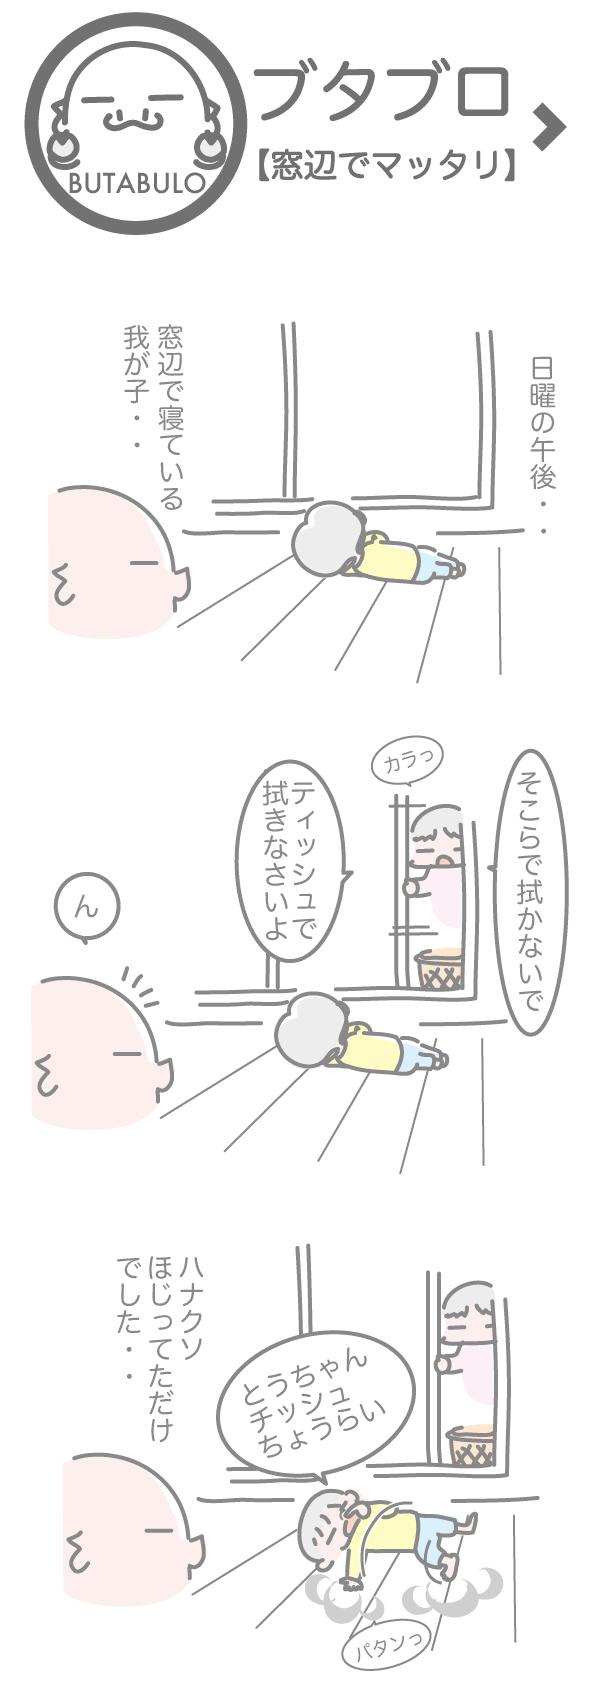 ネタ22ブログ